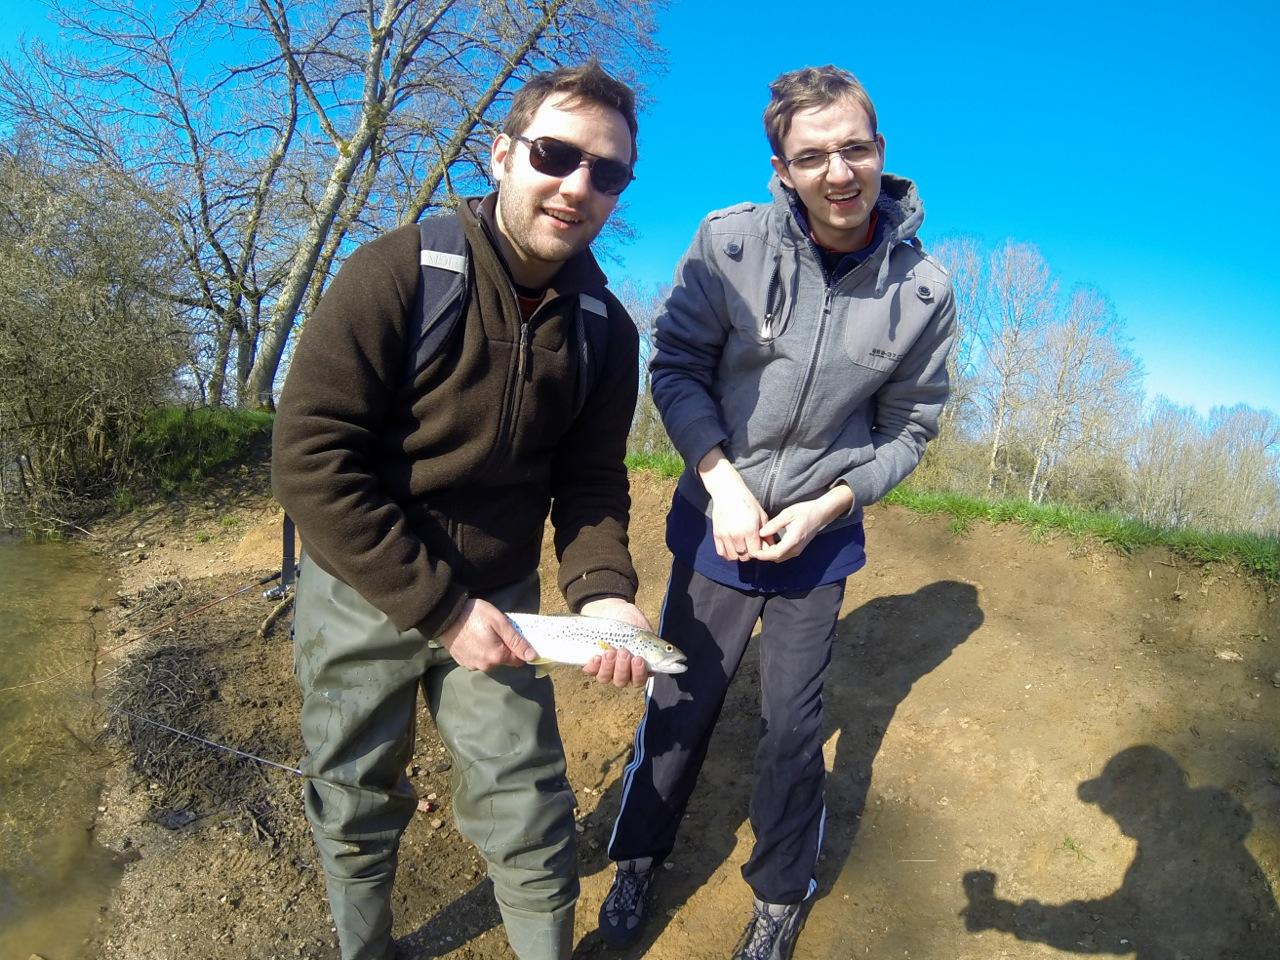 A force d'insister, la pêche, ça finit par marcher !! Bravo les filles ;-)